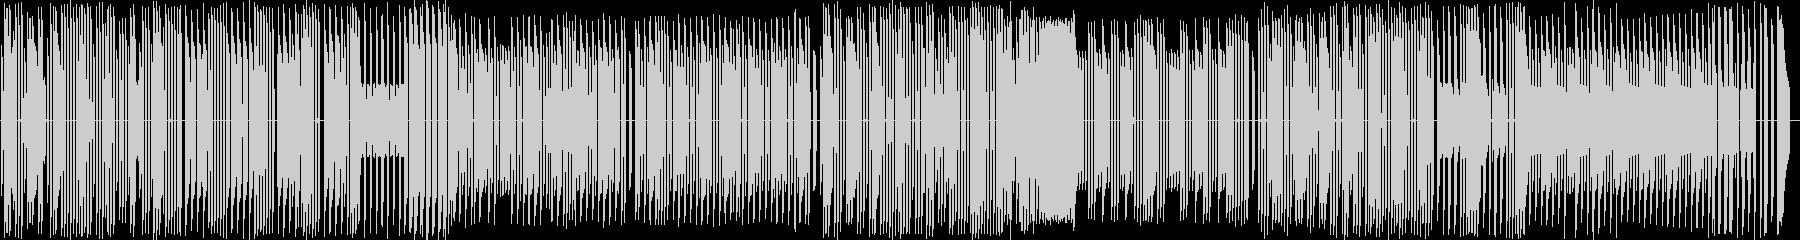 KANT  天国と地獄 8bitサウンドの未再生の波形